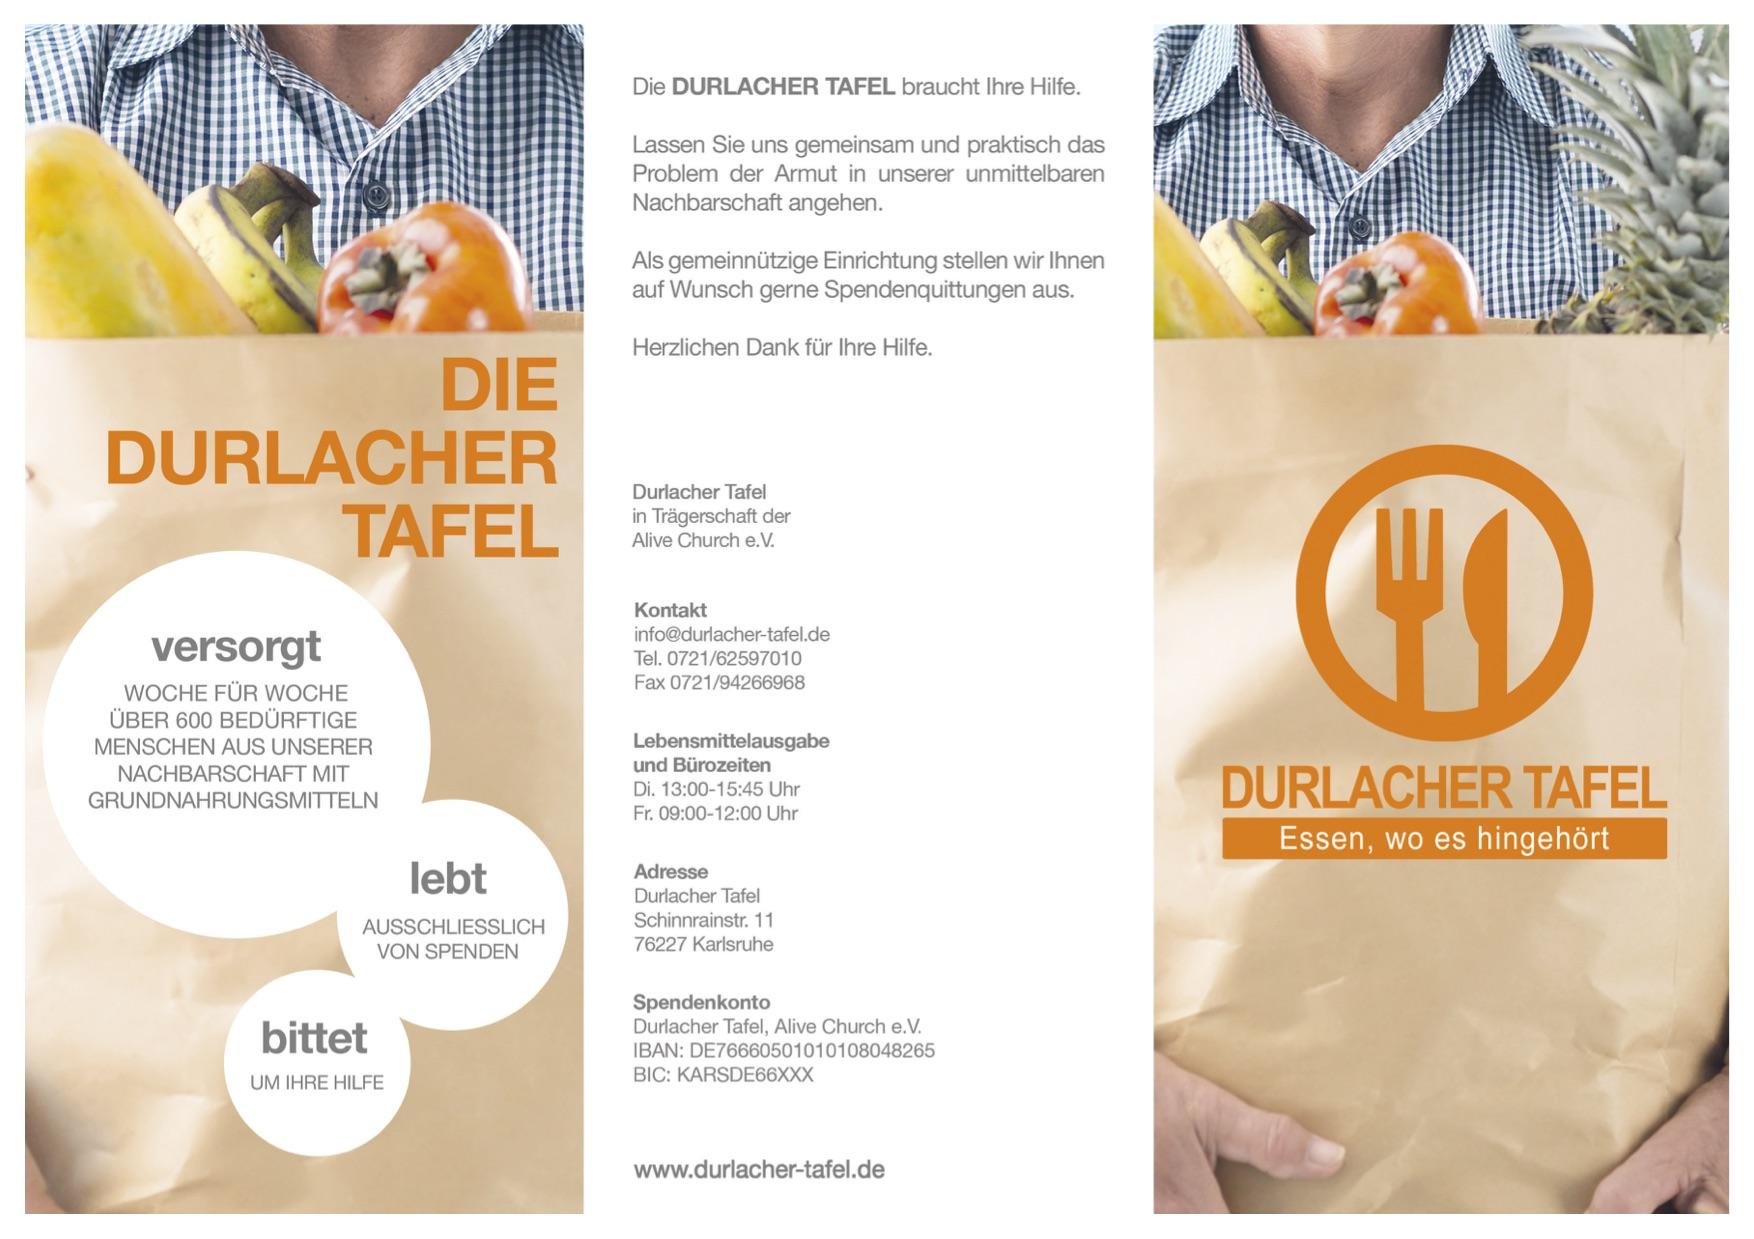 Unser neue Flyer zur Durlacher Tafel ist fertig und nun auch für alle online verfügbar.